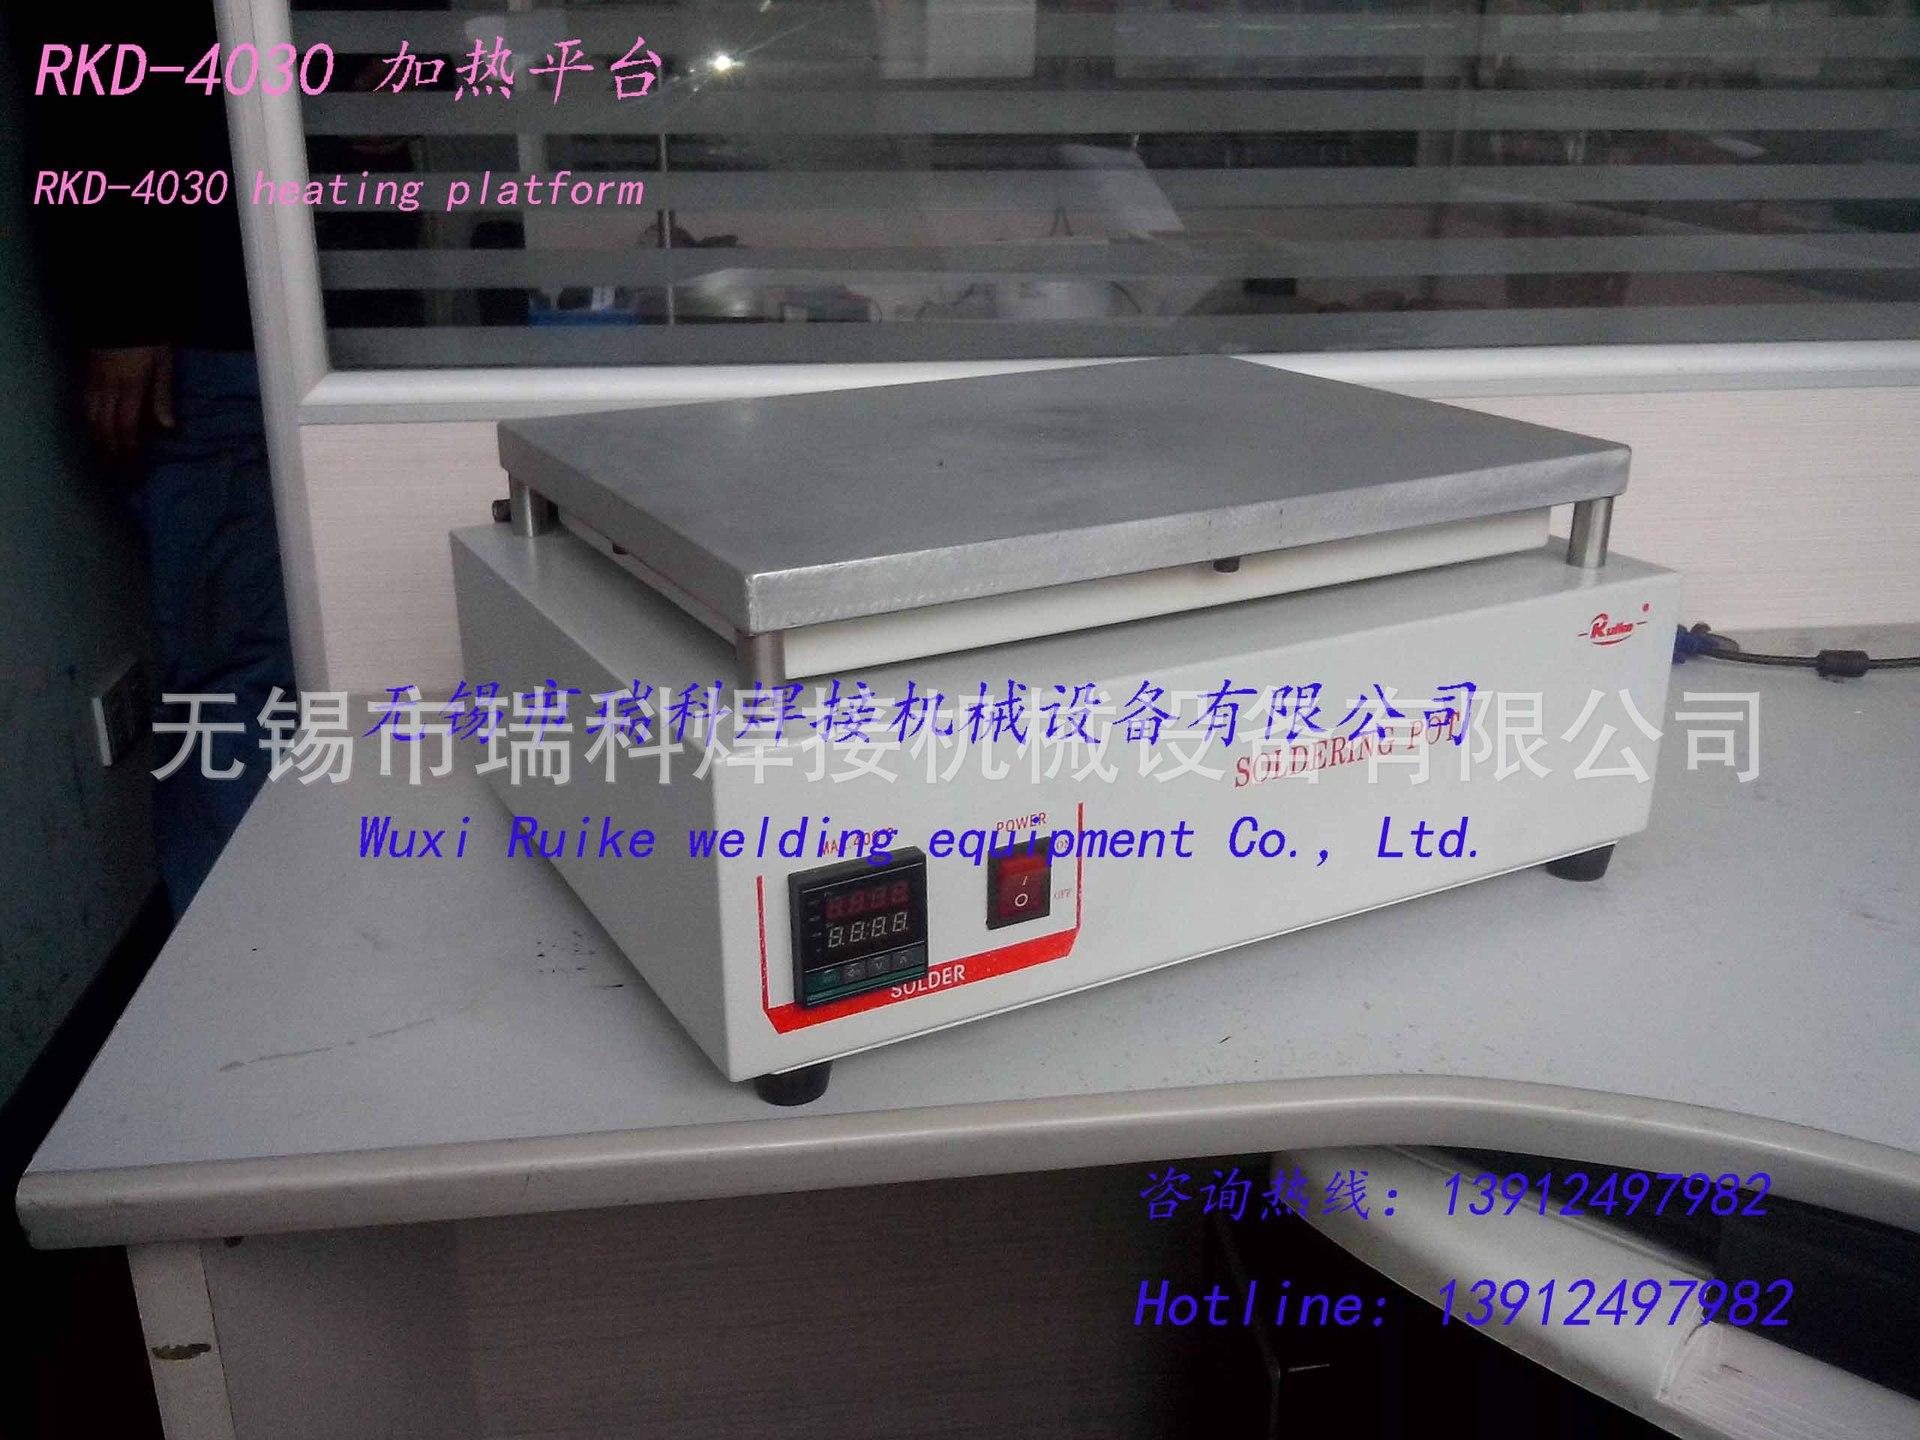 供应智能恒温数显带盖子电热平台图片_3